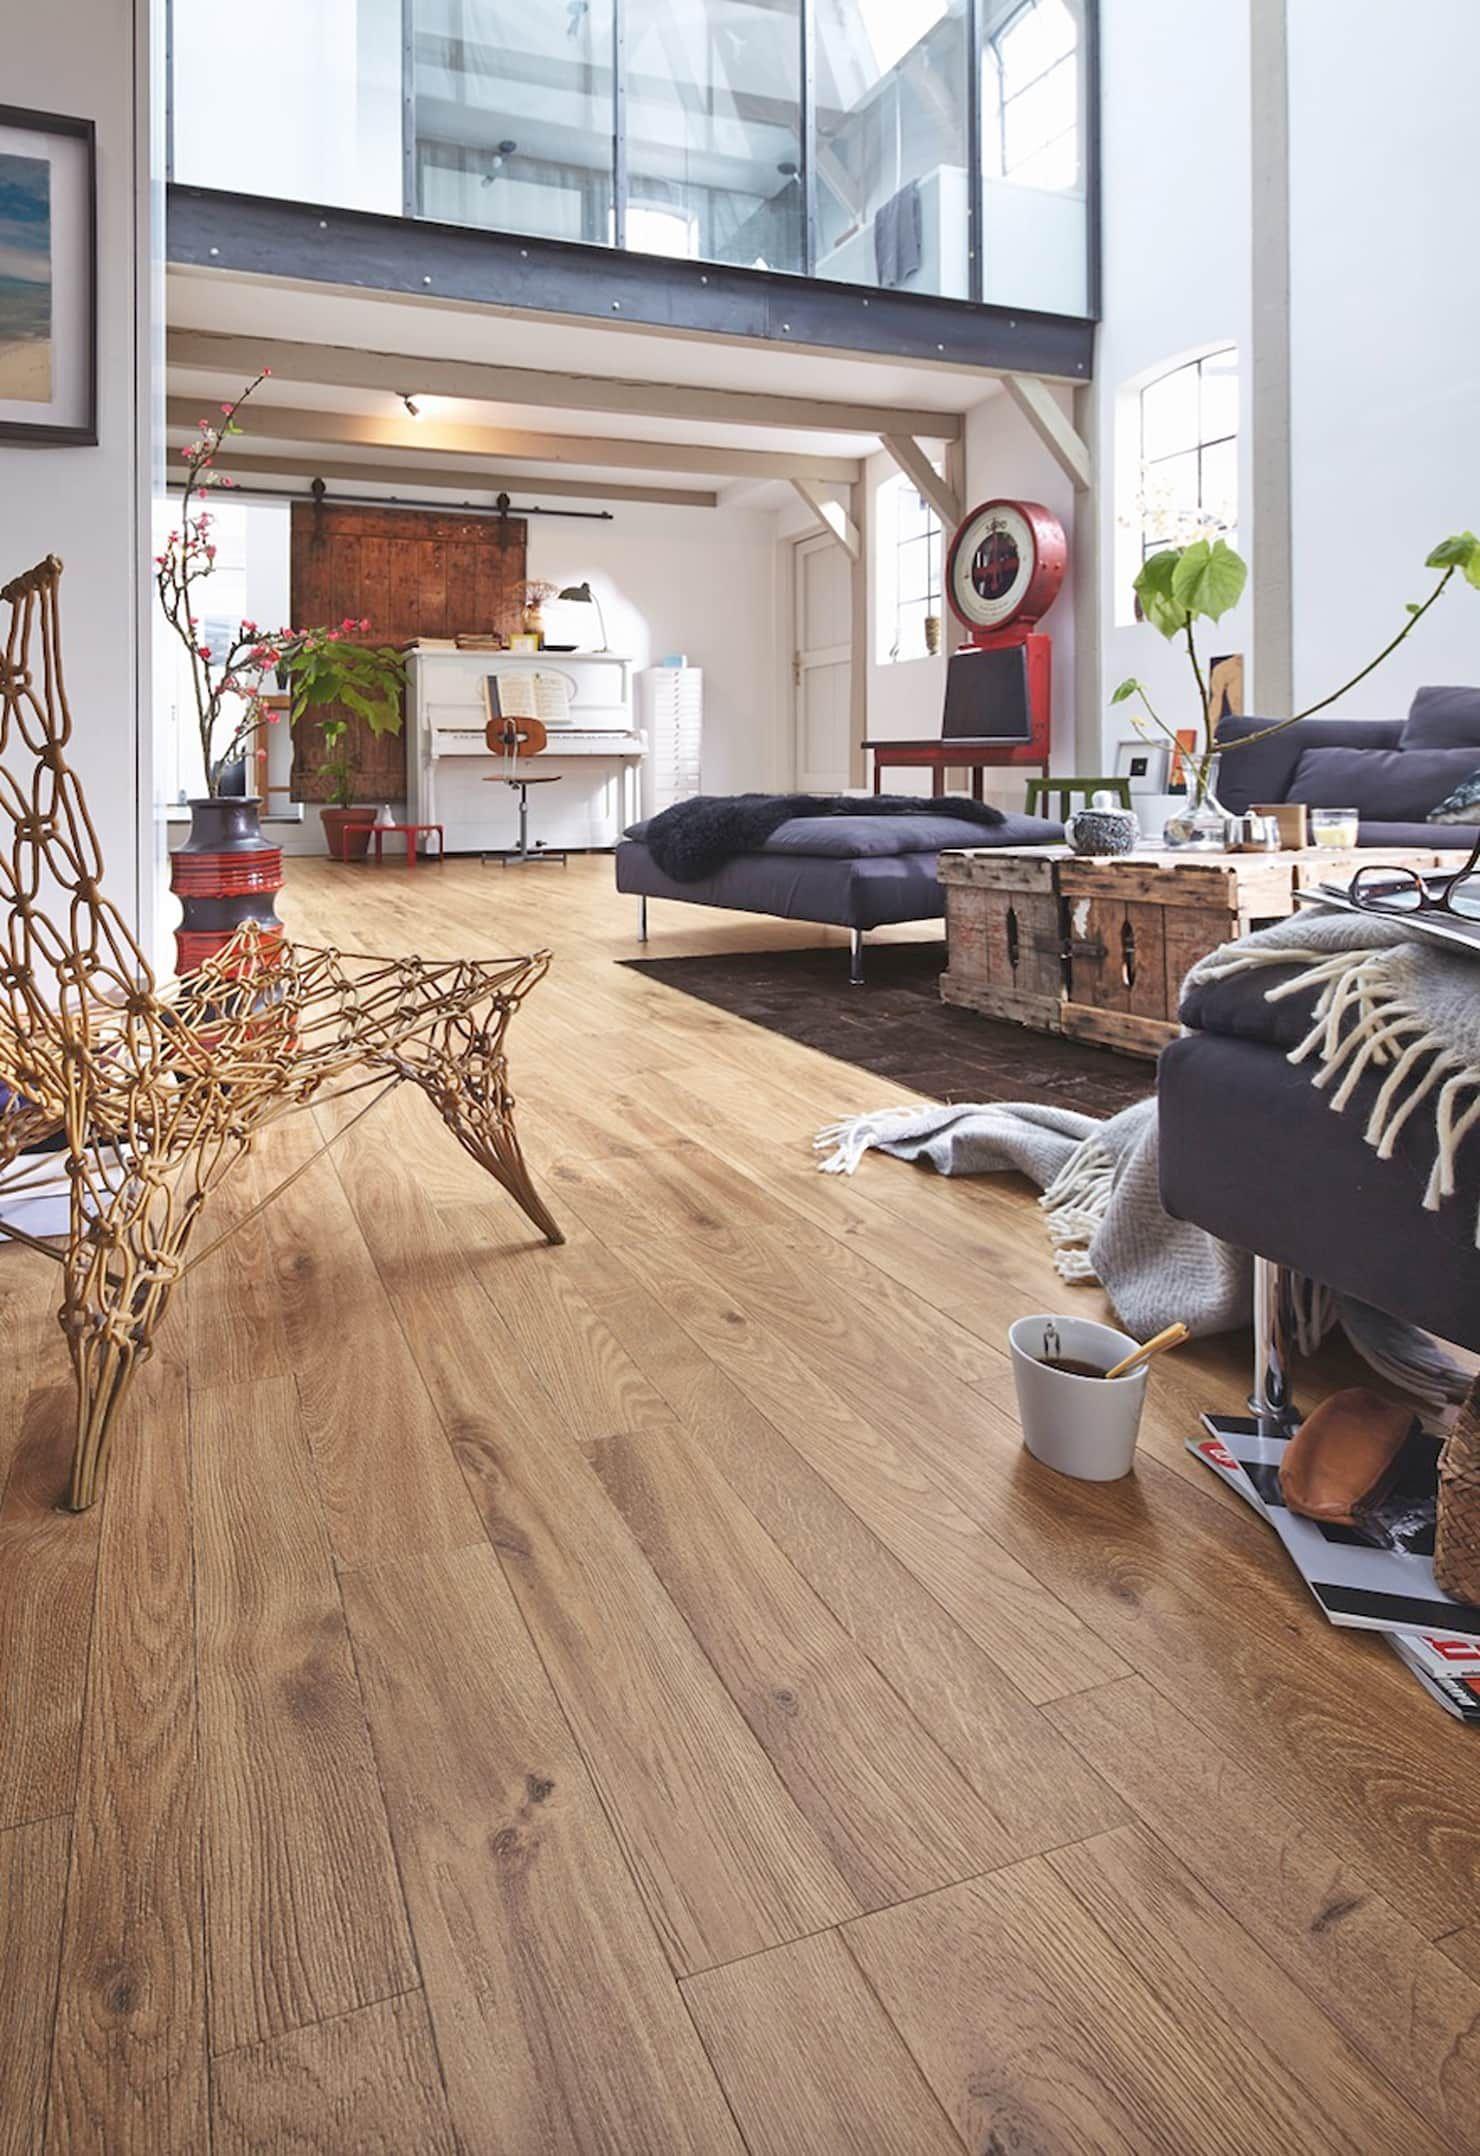 Laminat Melango Ausgefallene Wohnzimmer Von Homify Ausgefallen Holz Kunststoff Verbund Homify Wohnzimmer Boden Design Fussboden Haus Boden